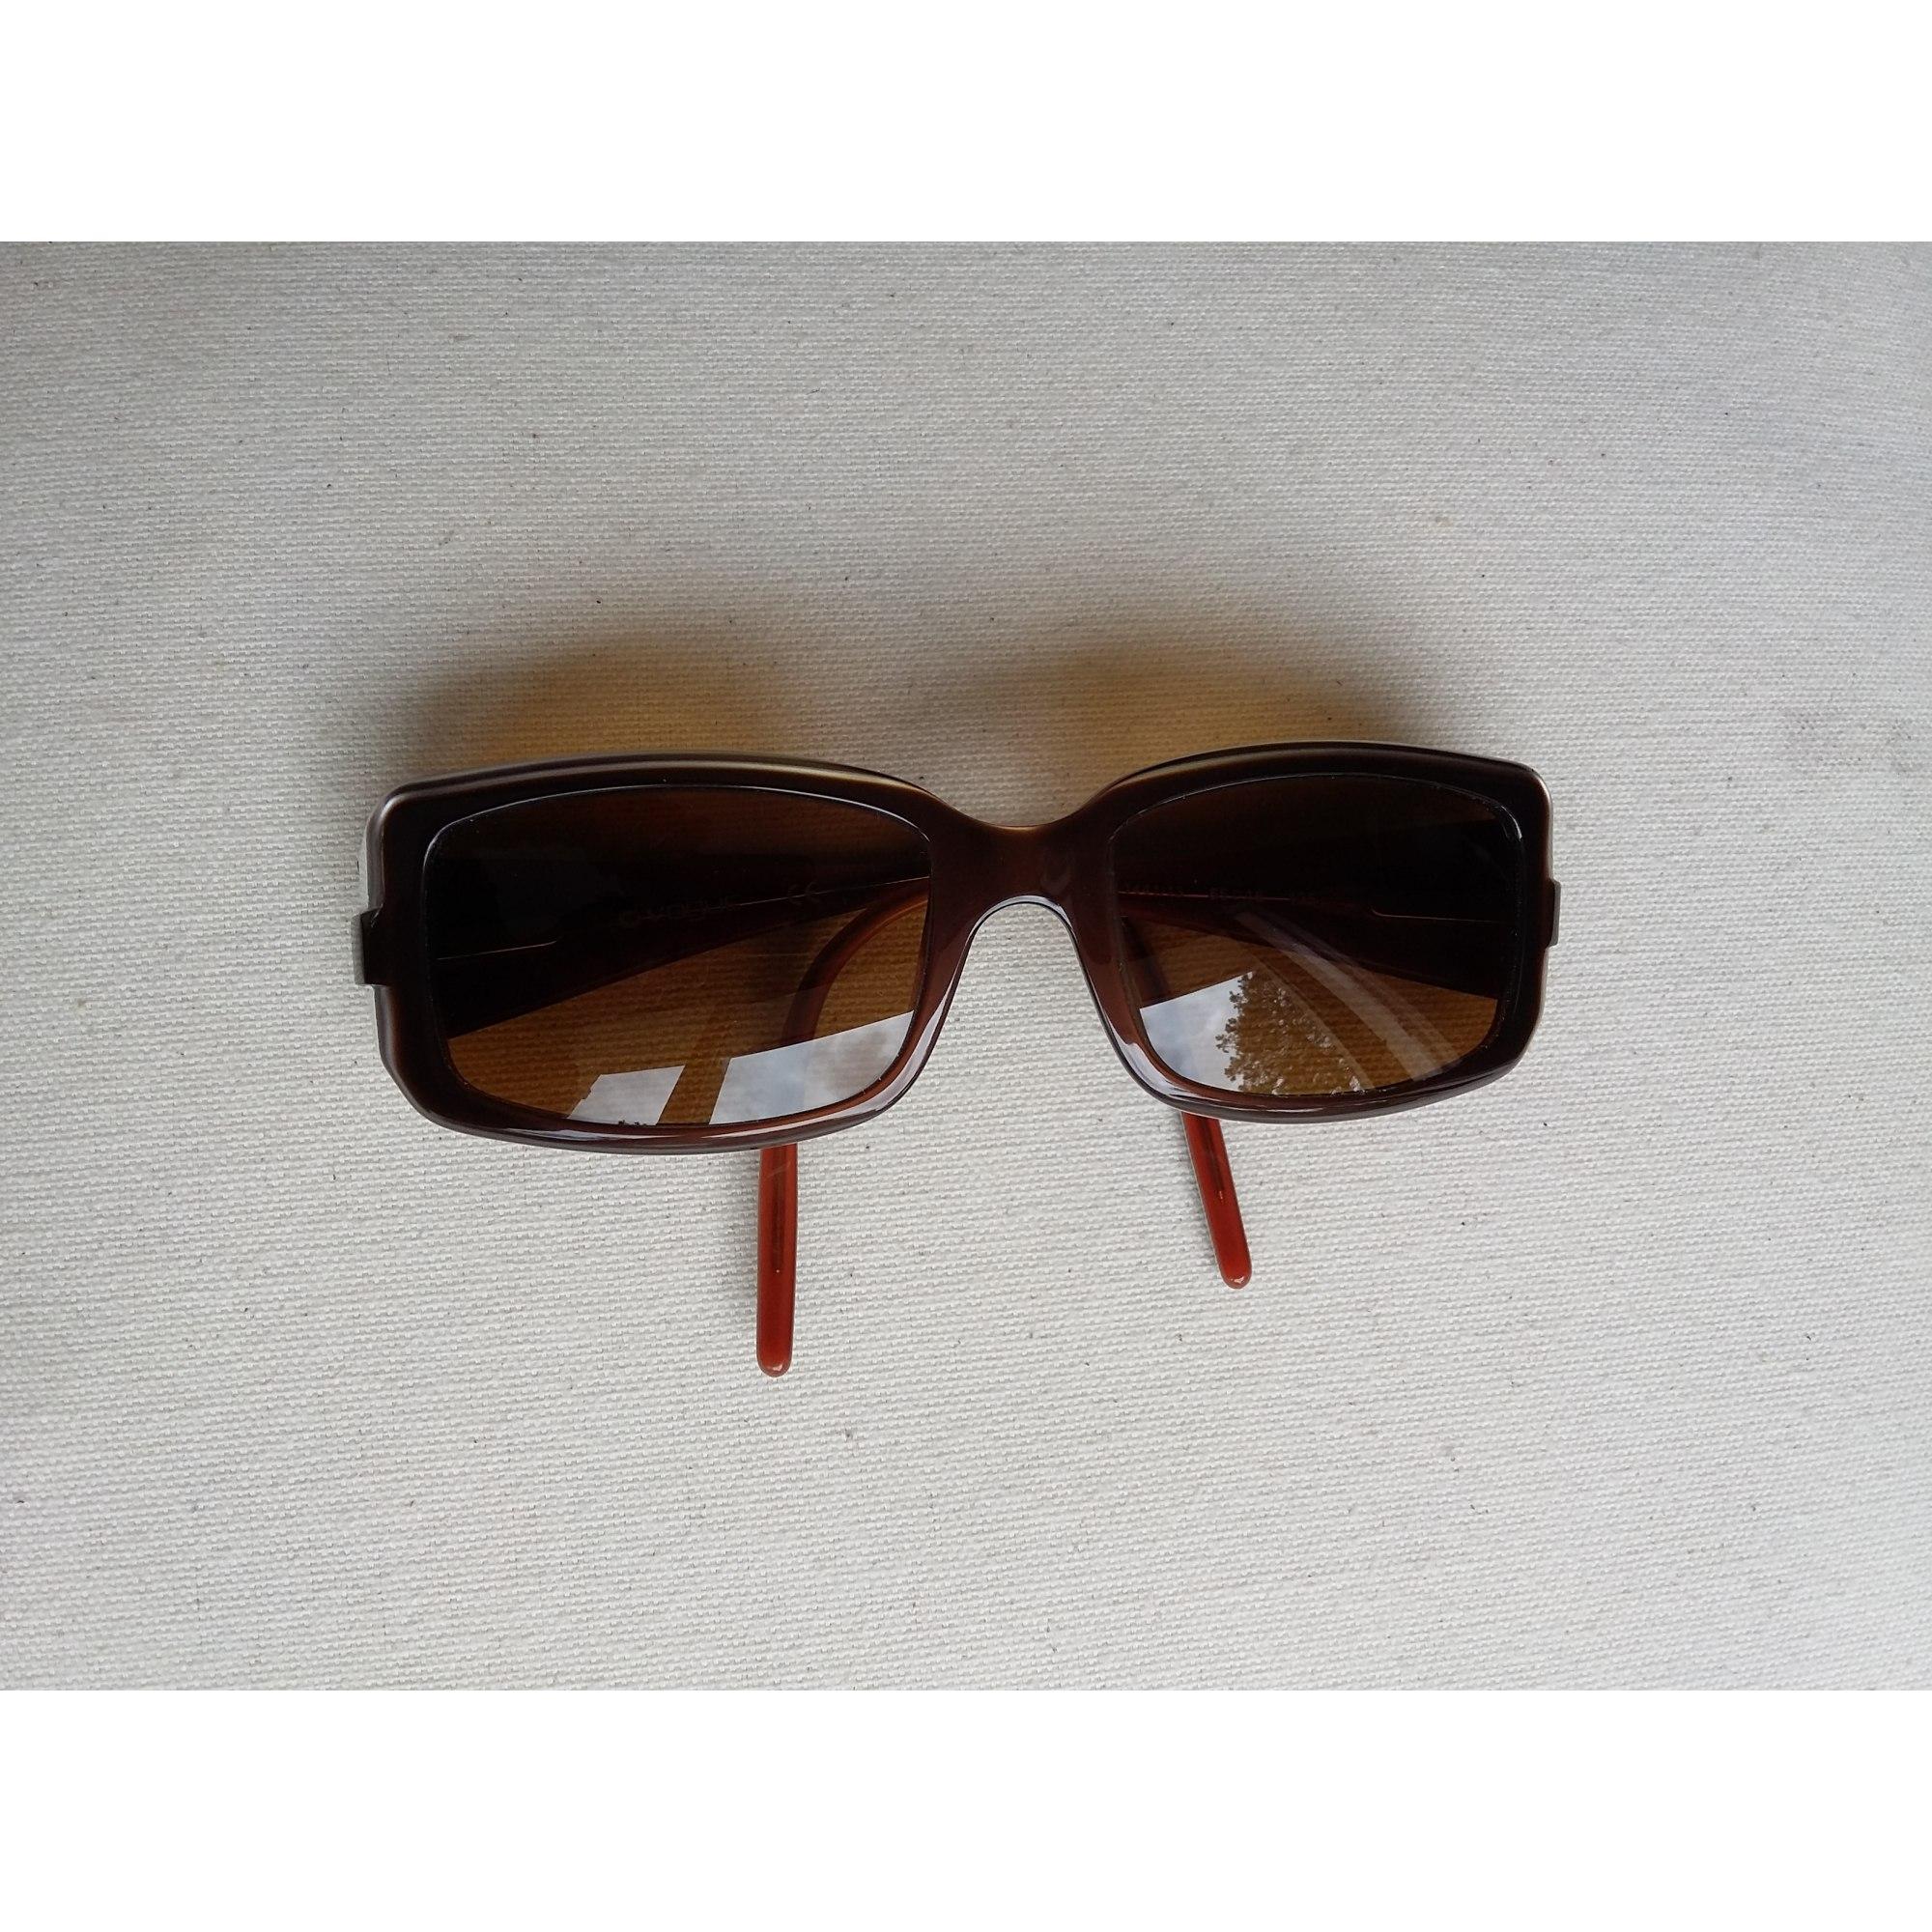 659ff286dc74c2 Monture de lunettes VOGUE marron avec des liseré blanc - 6114839